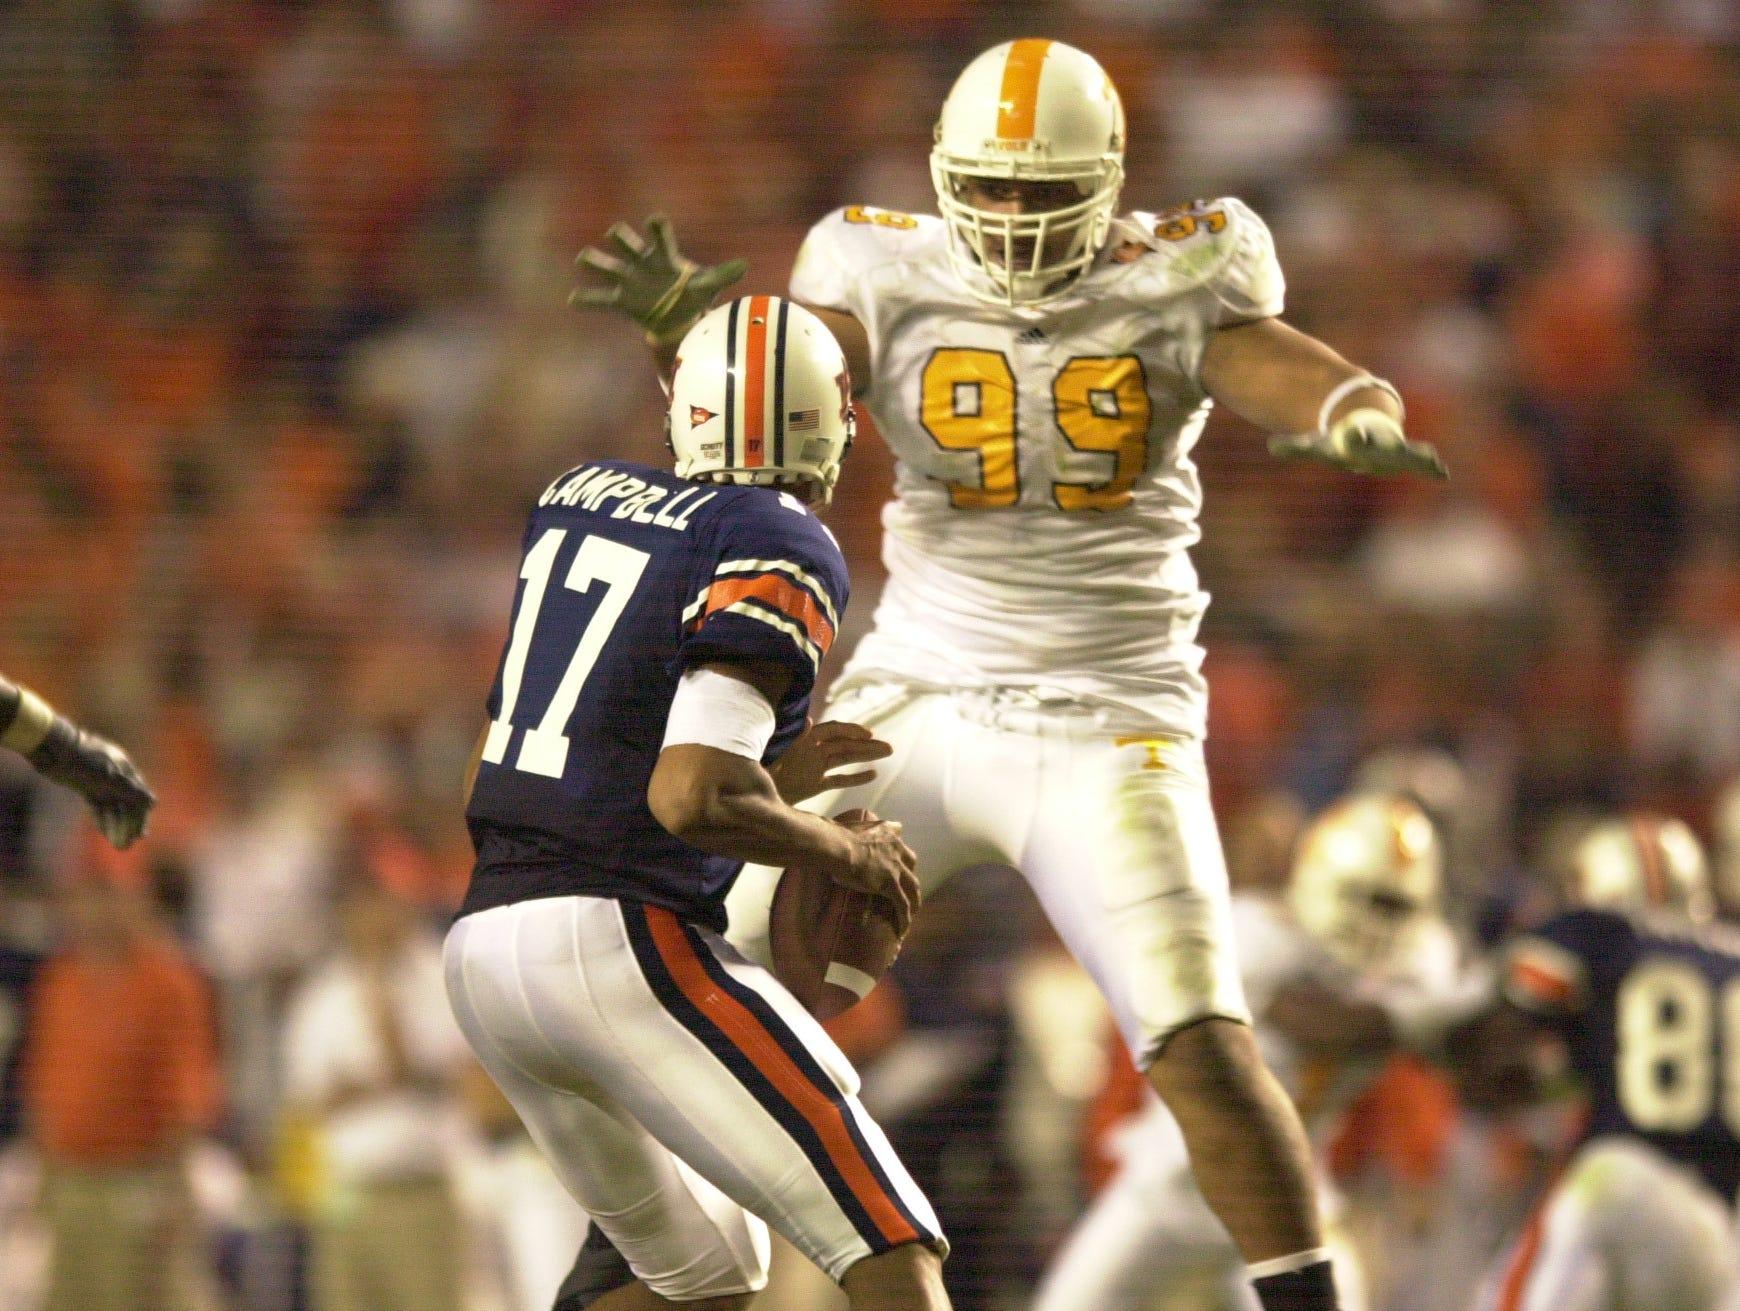 Tennessee's J.T. Mapu pressures Auburn quarterback Jason Campbell on Saturday at Auburn.